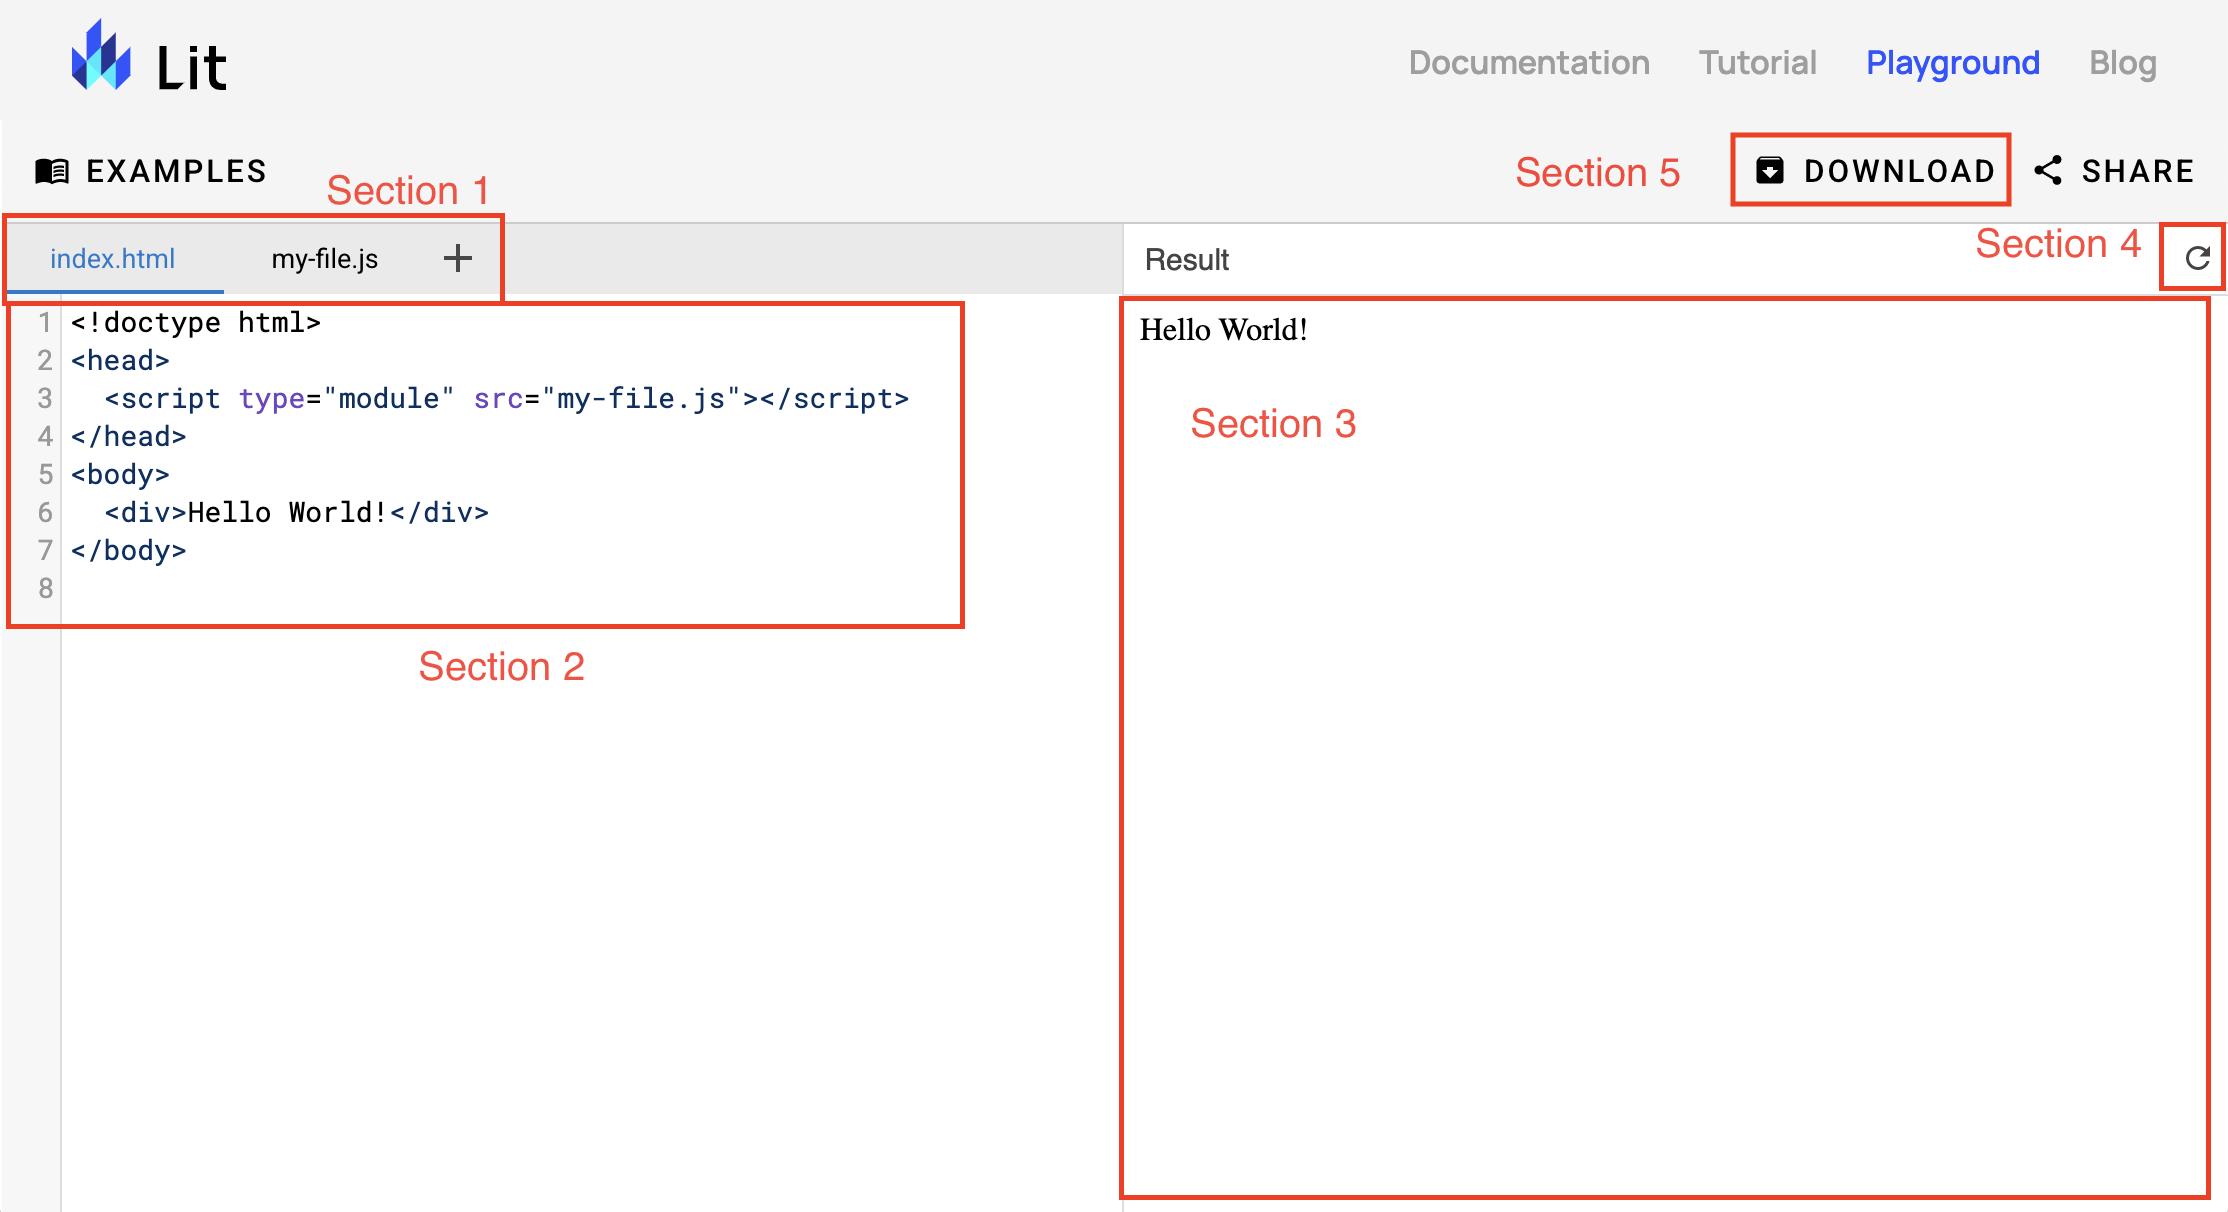 La barra de la pestaña del selector de archivos se llama Sección1, la sección de edición de código se denomina Sección2, la vista previa de resultados se llama Sección3 y el botón para volver a cargar la vista previa se llama Sección4